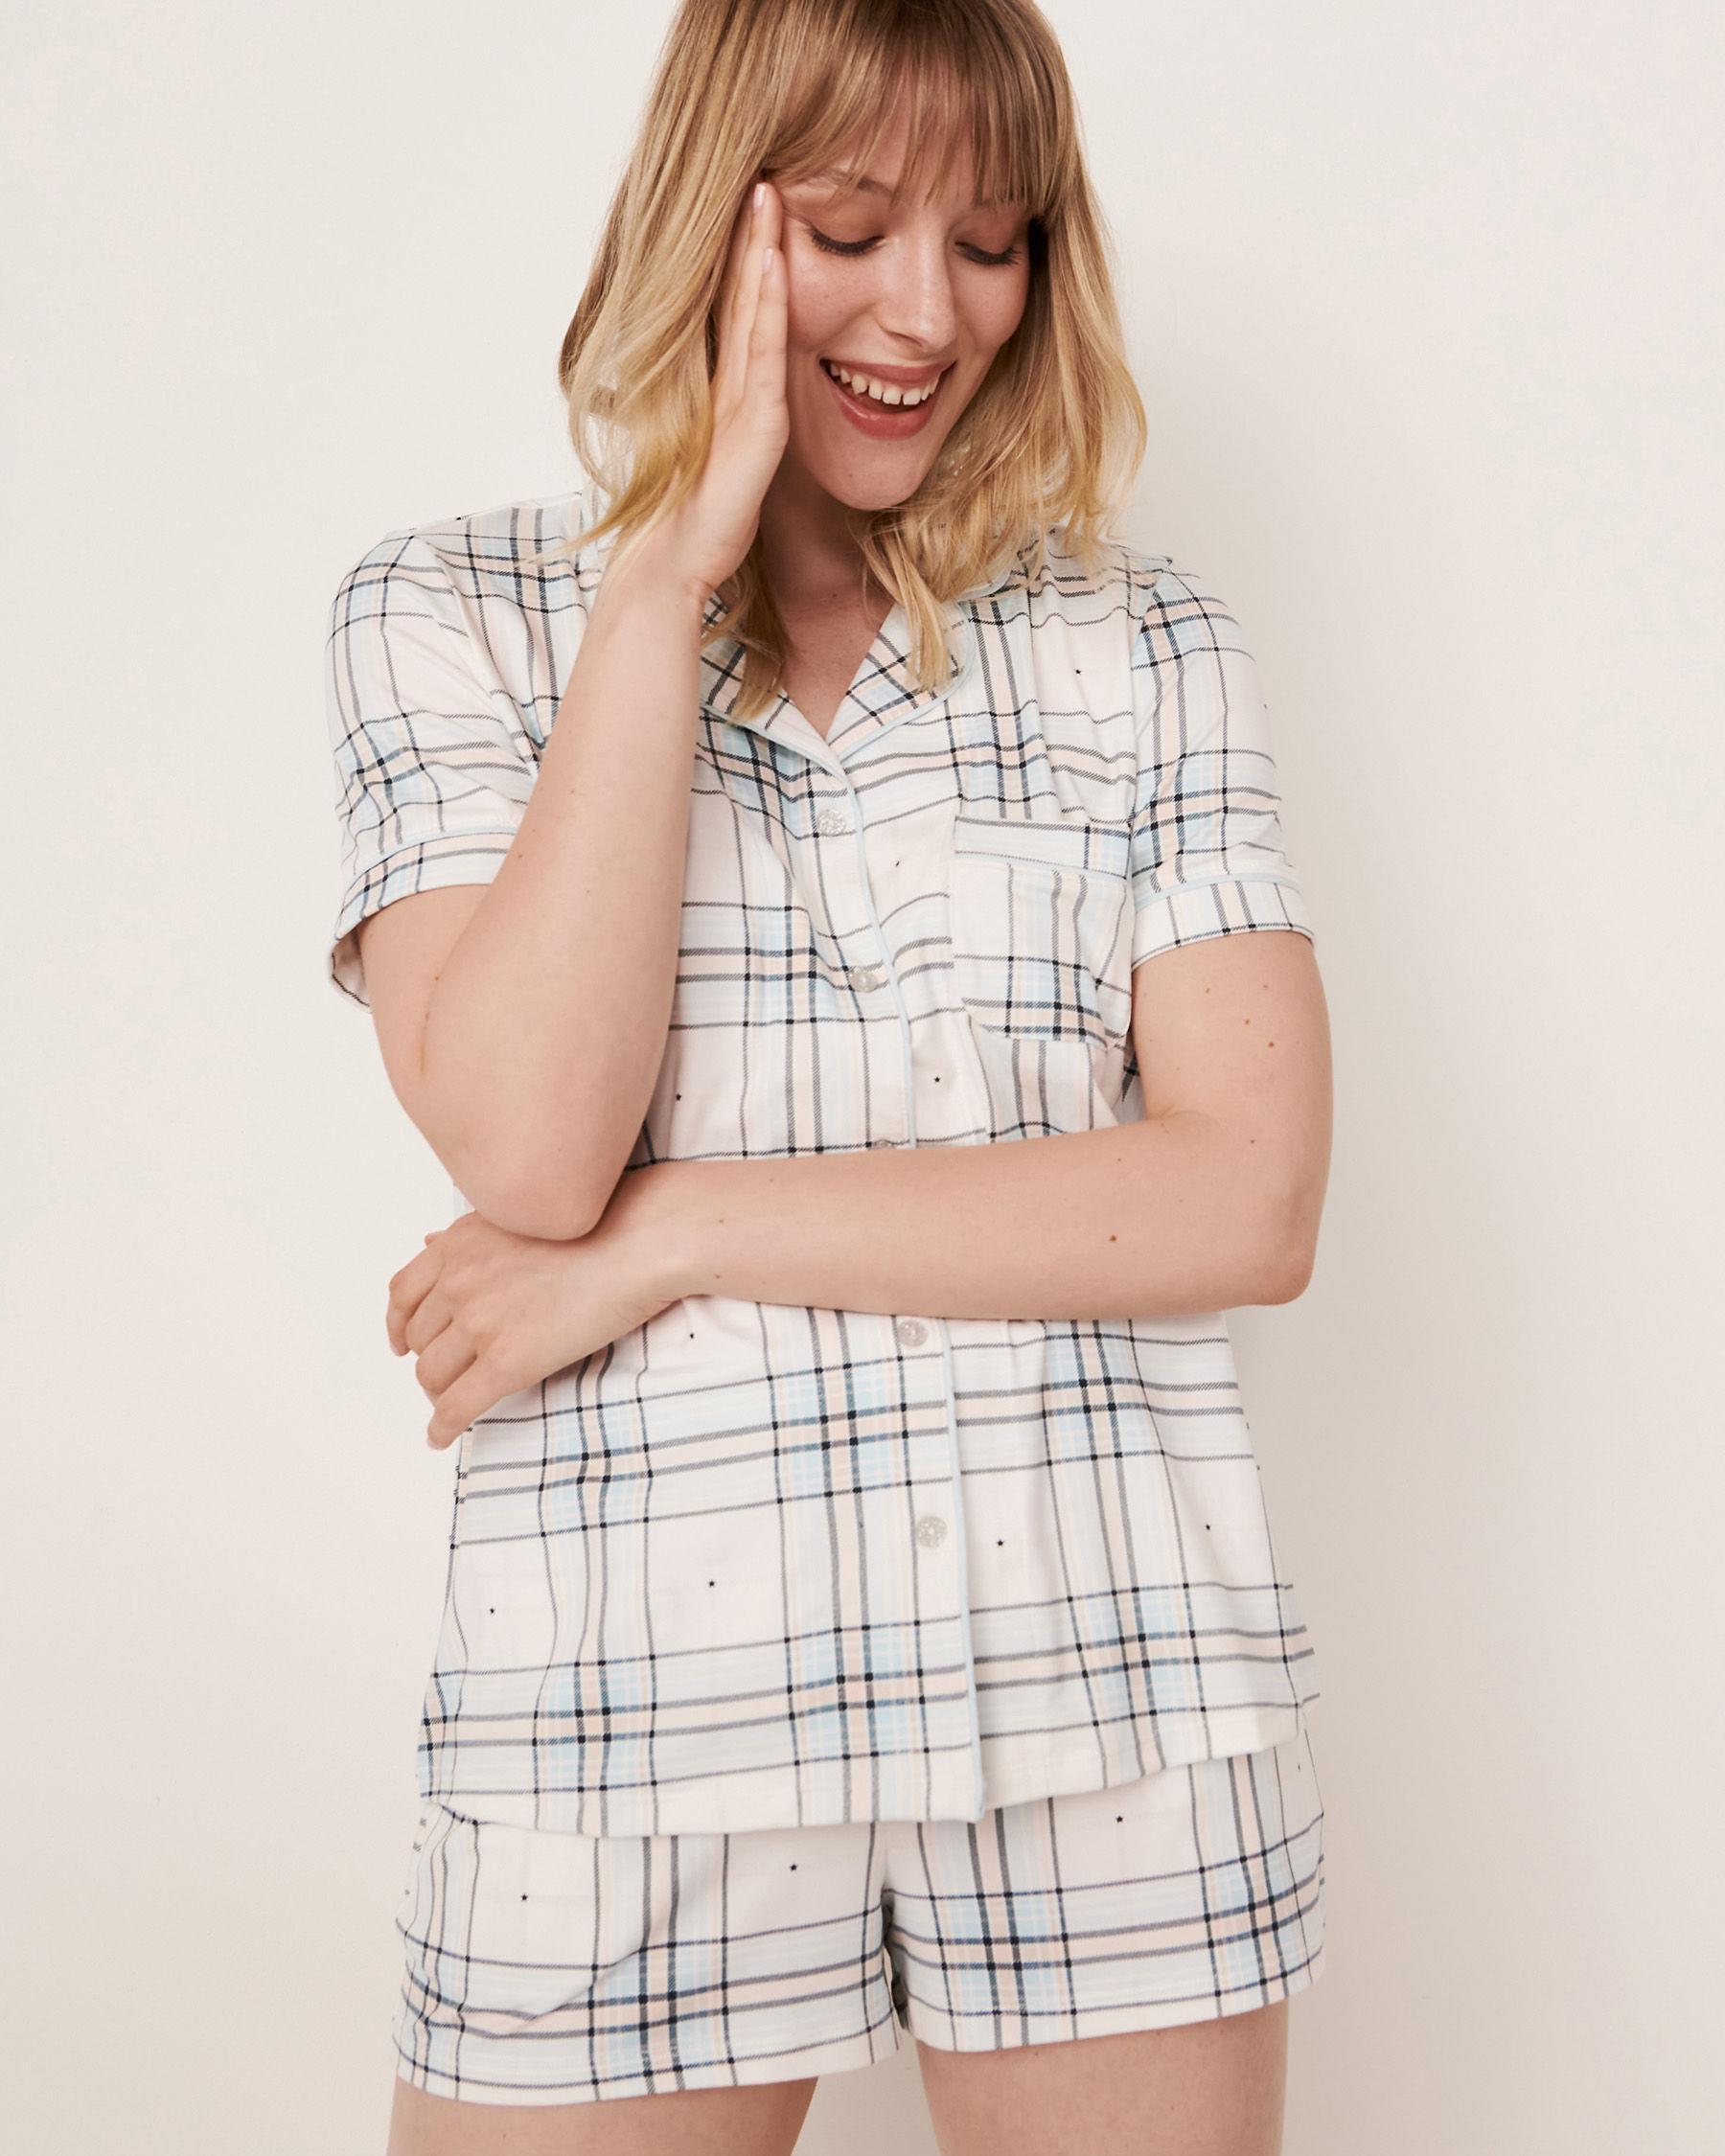 LA VIE EN ROSE Short Sleeve Shirt Blue plaid 40100147 - View1